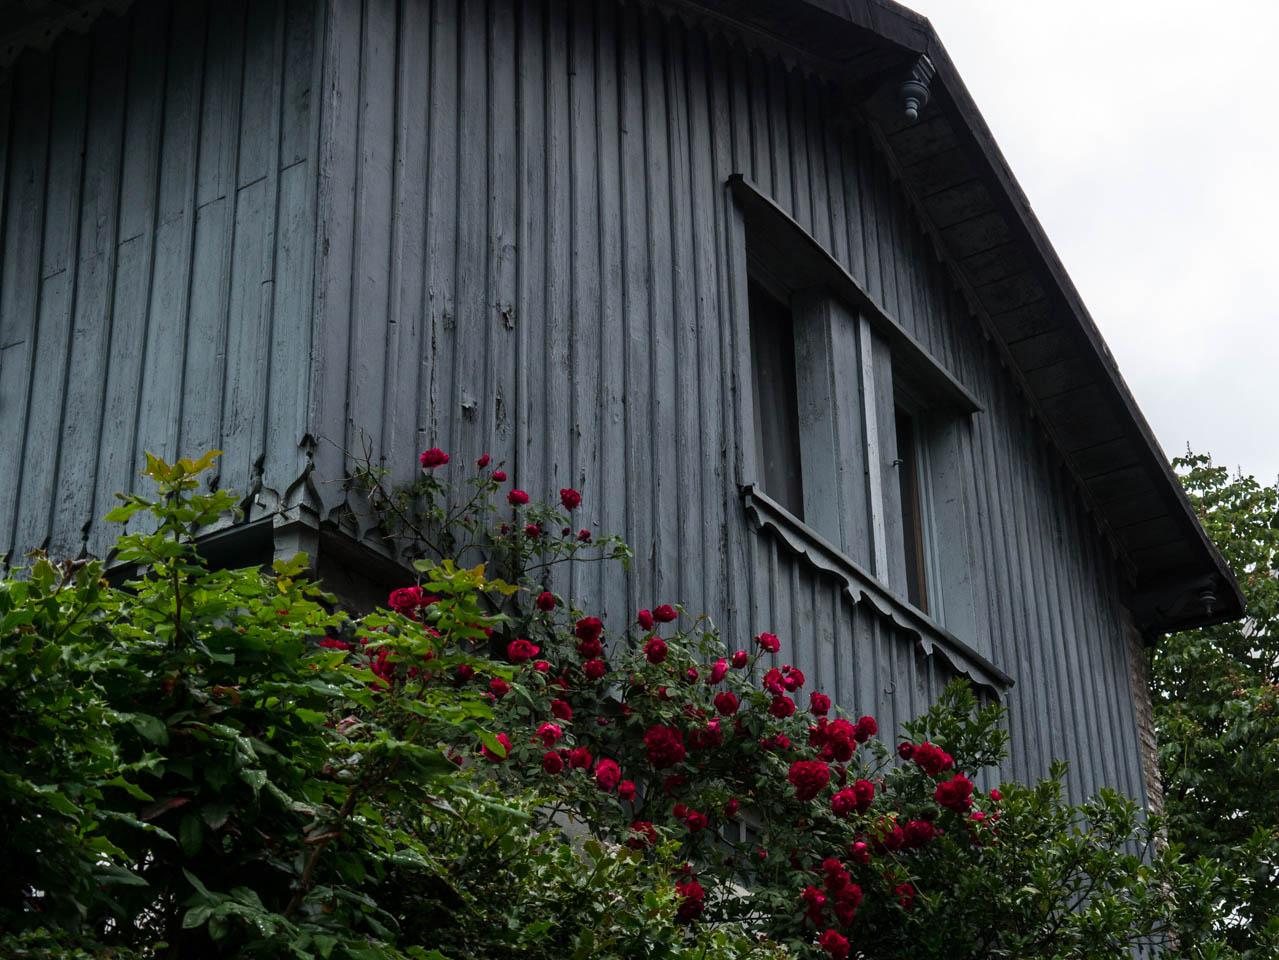 Holzhaus mit Rosen (1 von 1)